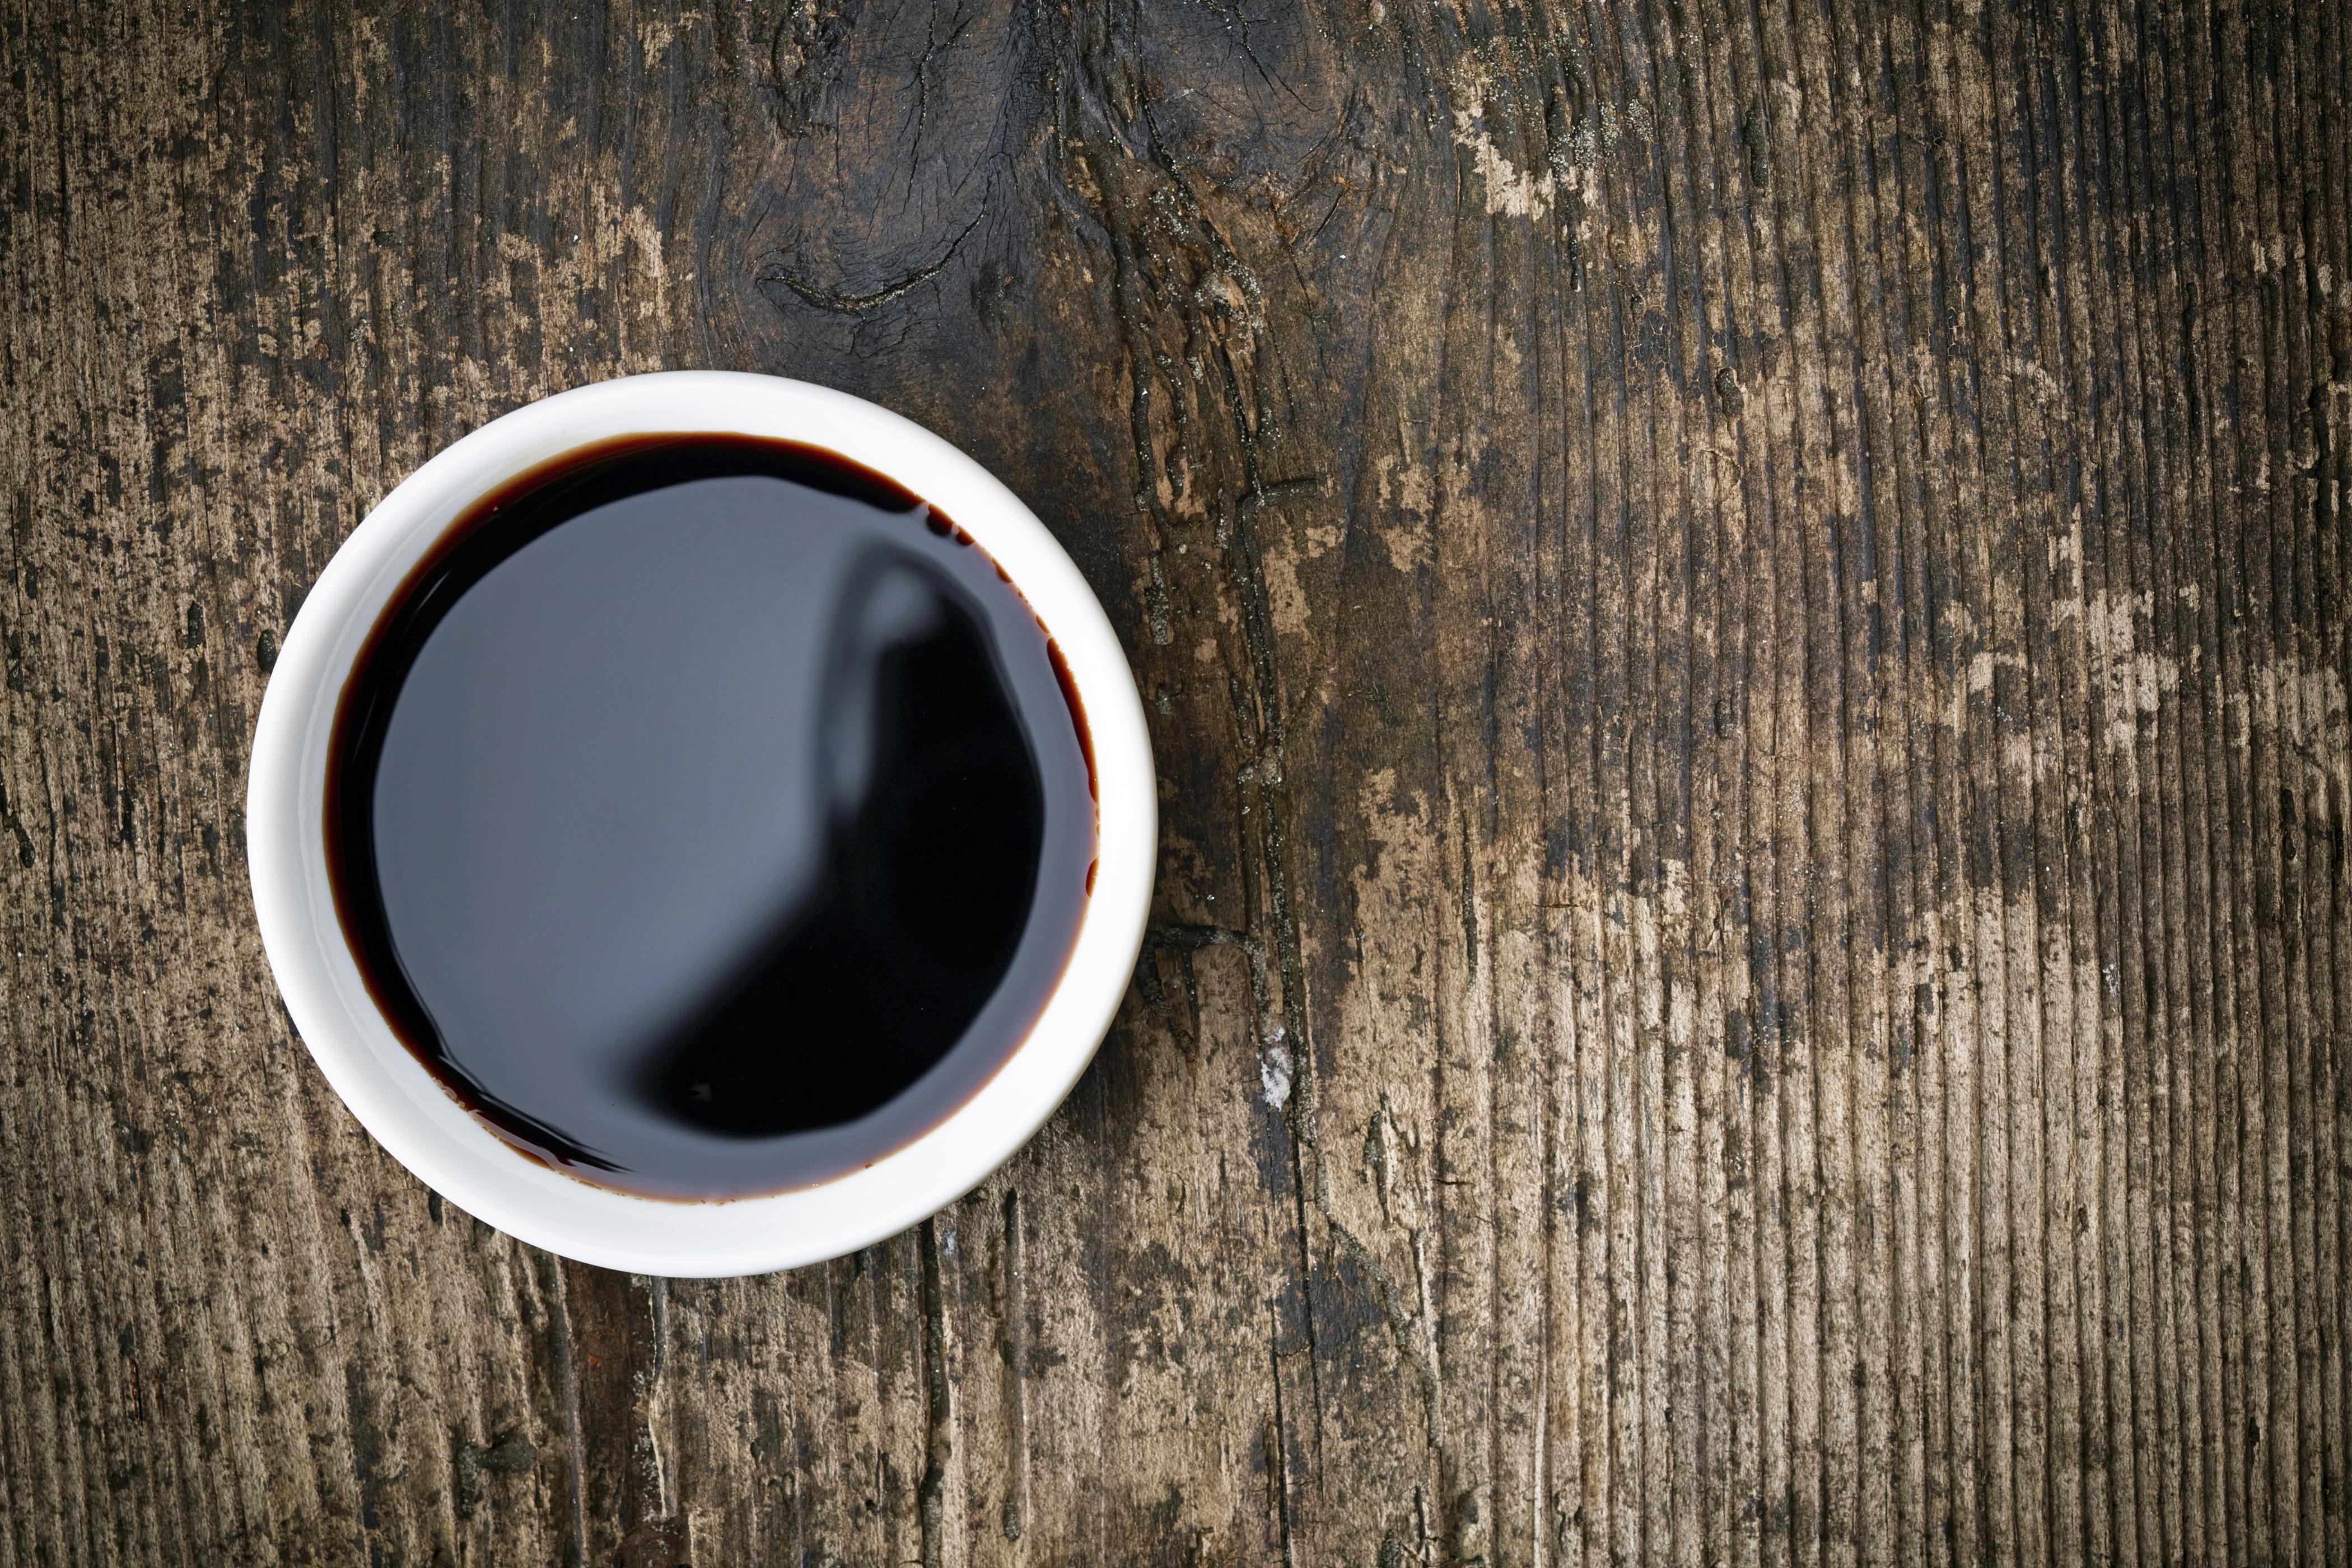 Bowl of Balsamic vinegar on wooden table